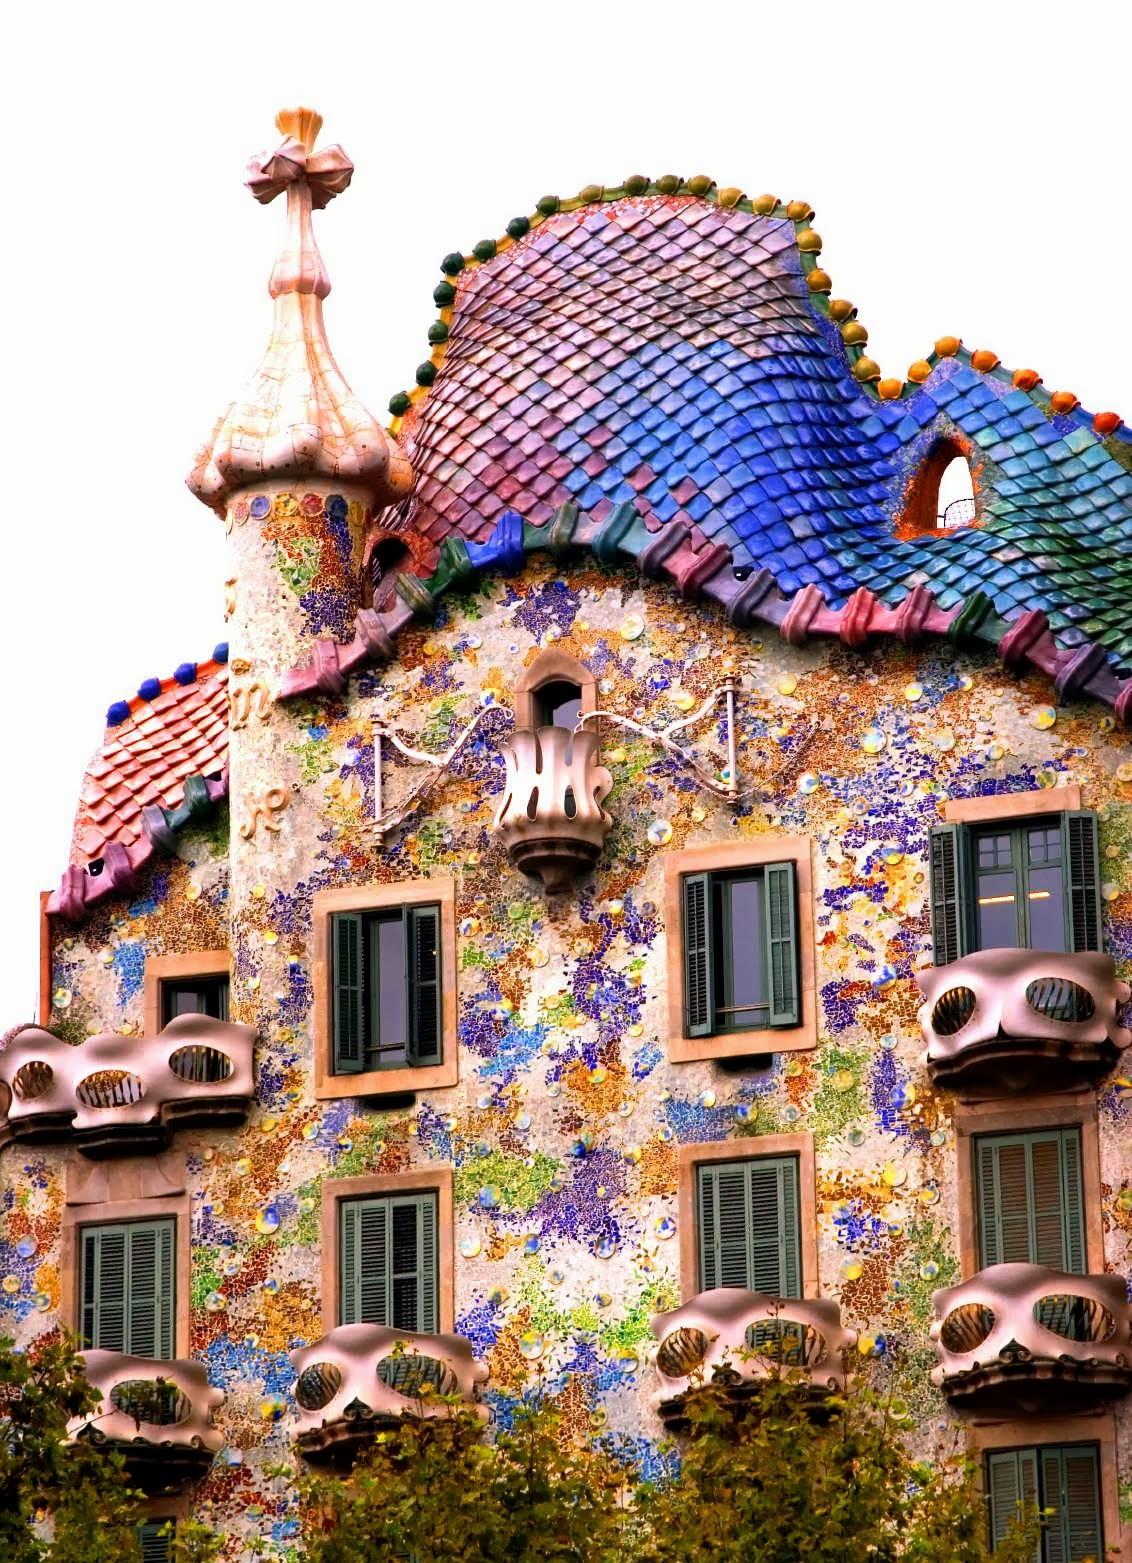 Barcelona Surroundings Exploring Gaud's Casa Batlló